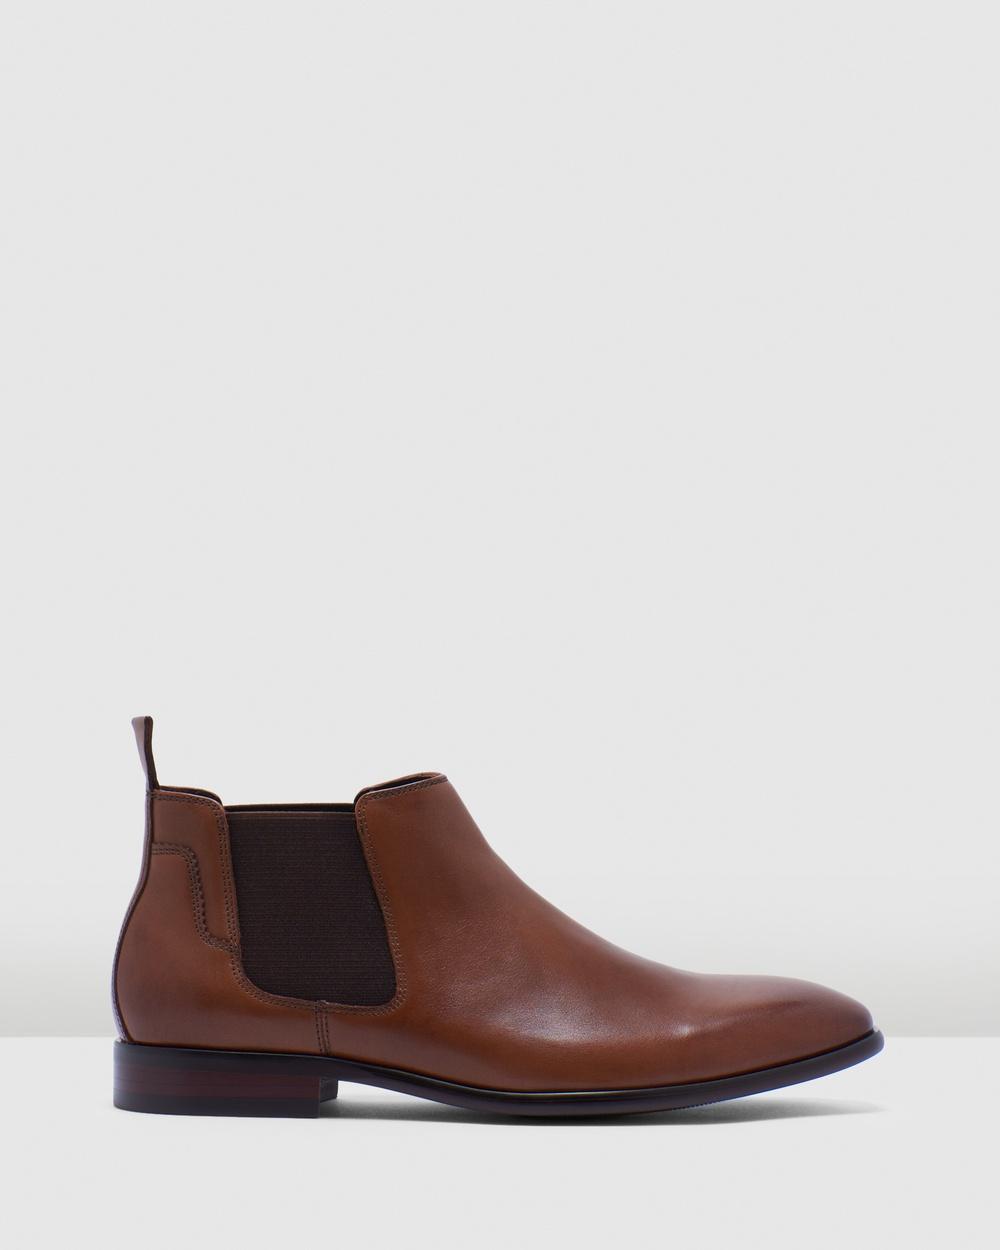 Julius Marlow Vexed Boots Cognac